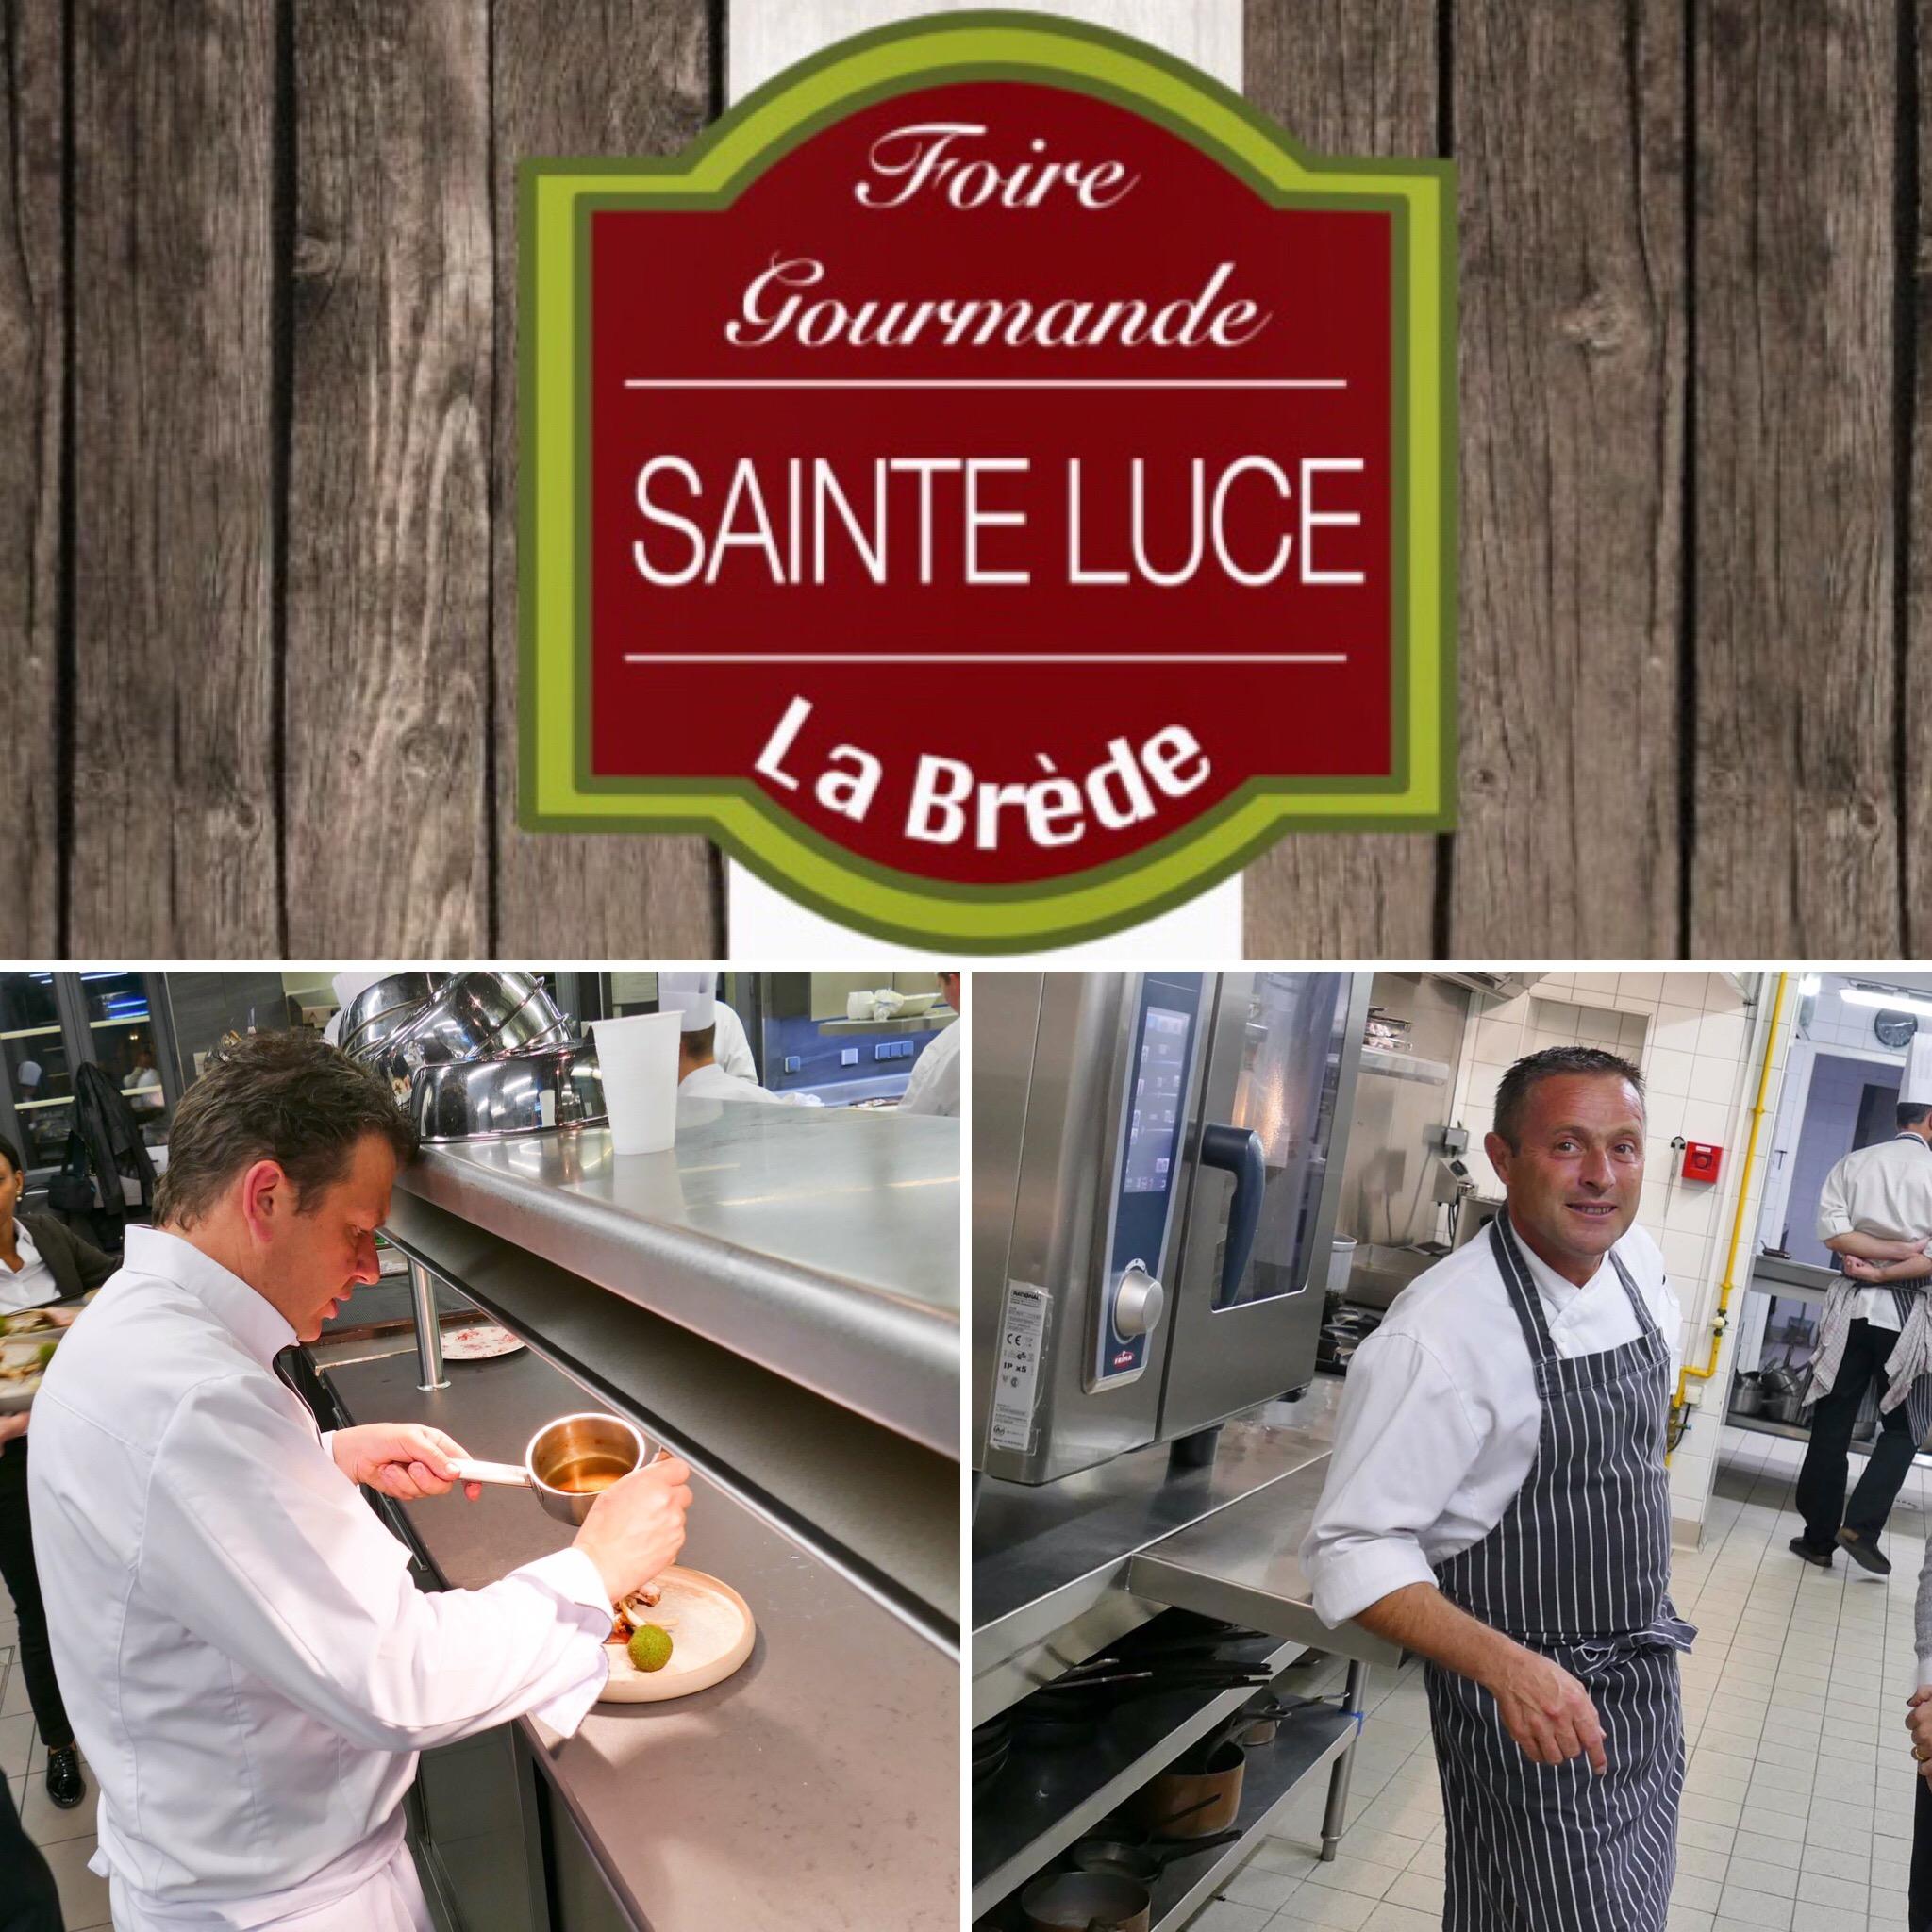 Foire de la Sainte Luce - La Brède